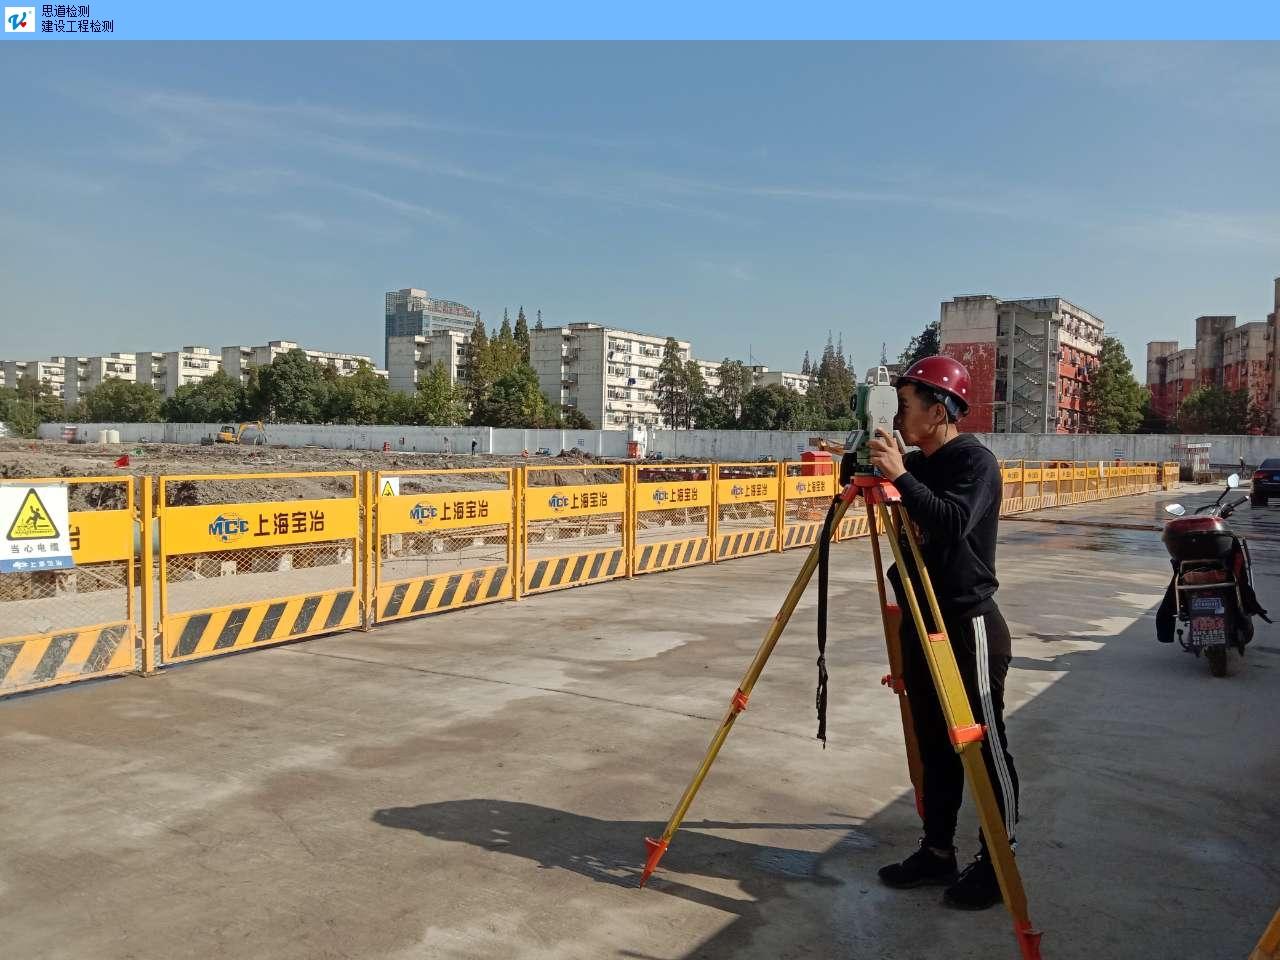 安徽正规码头检测机构